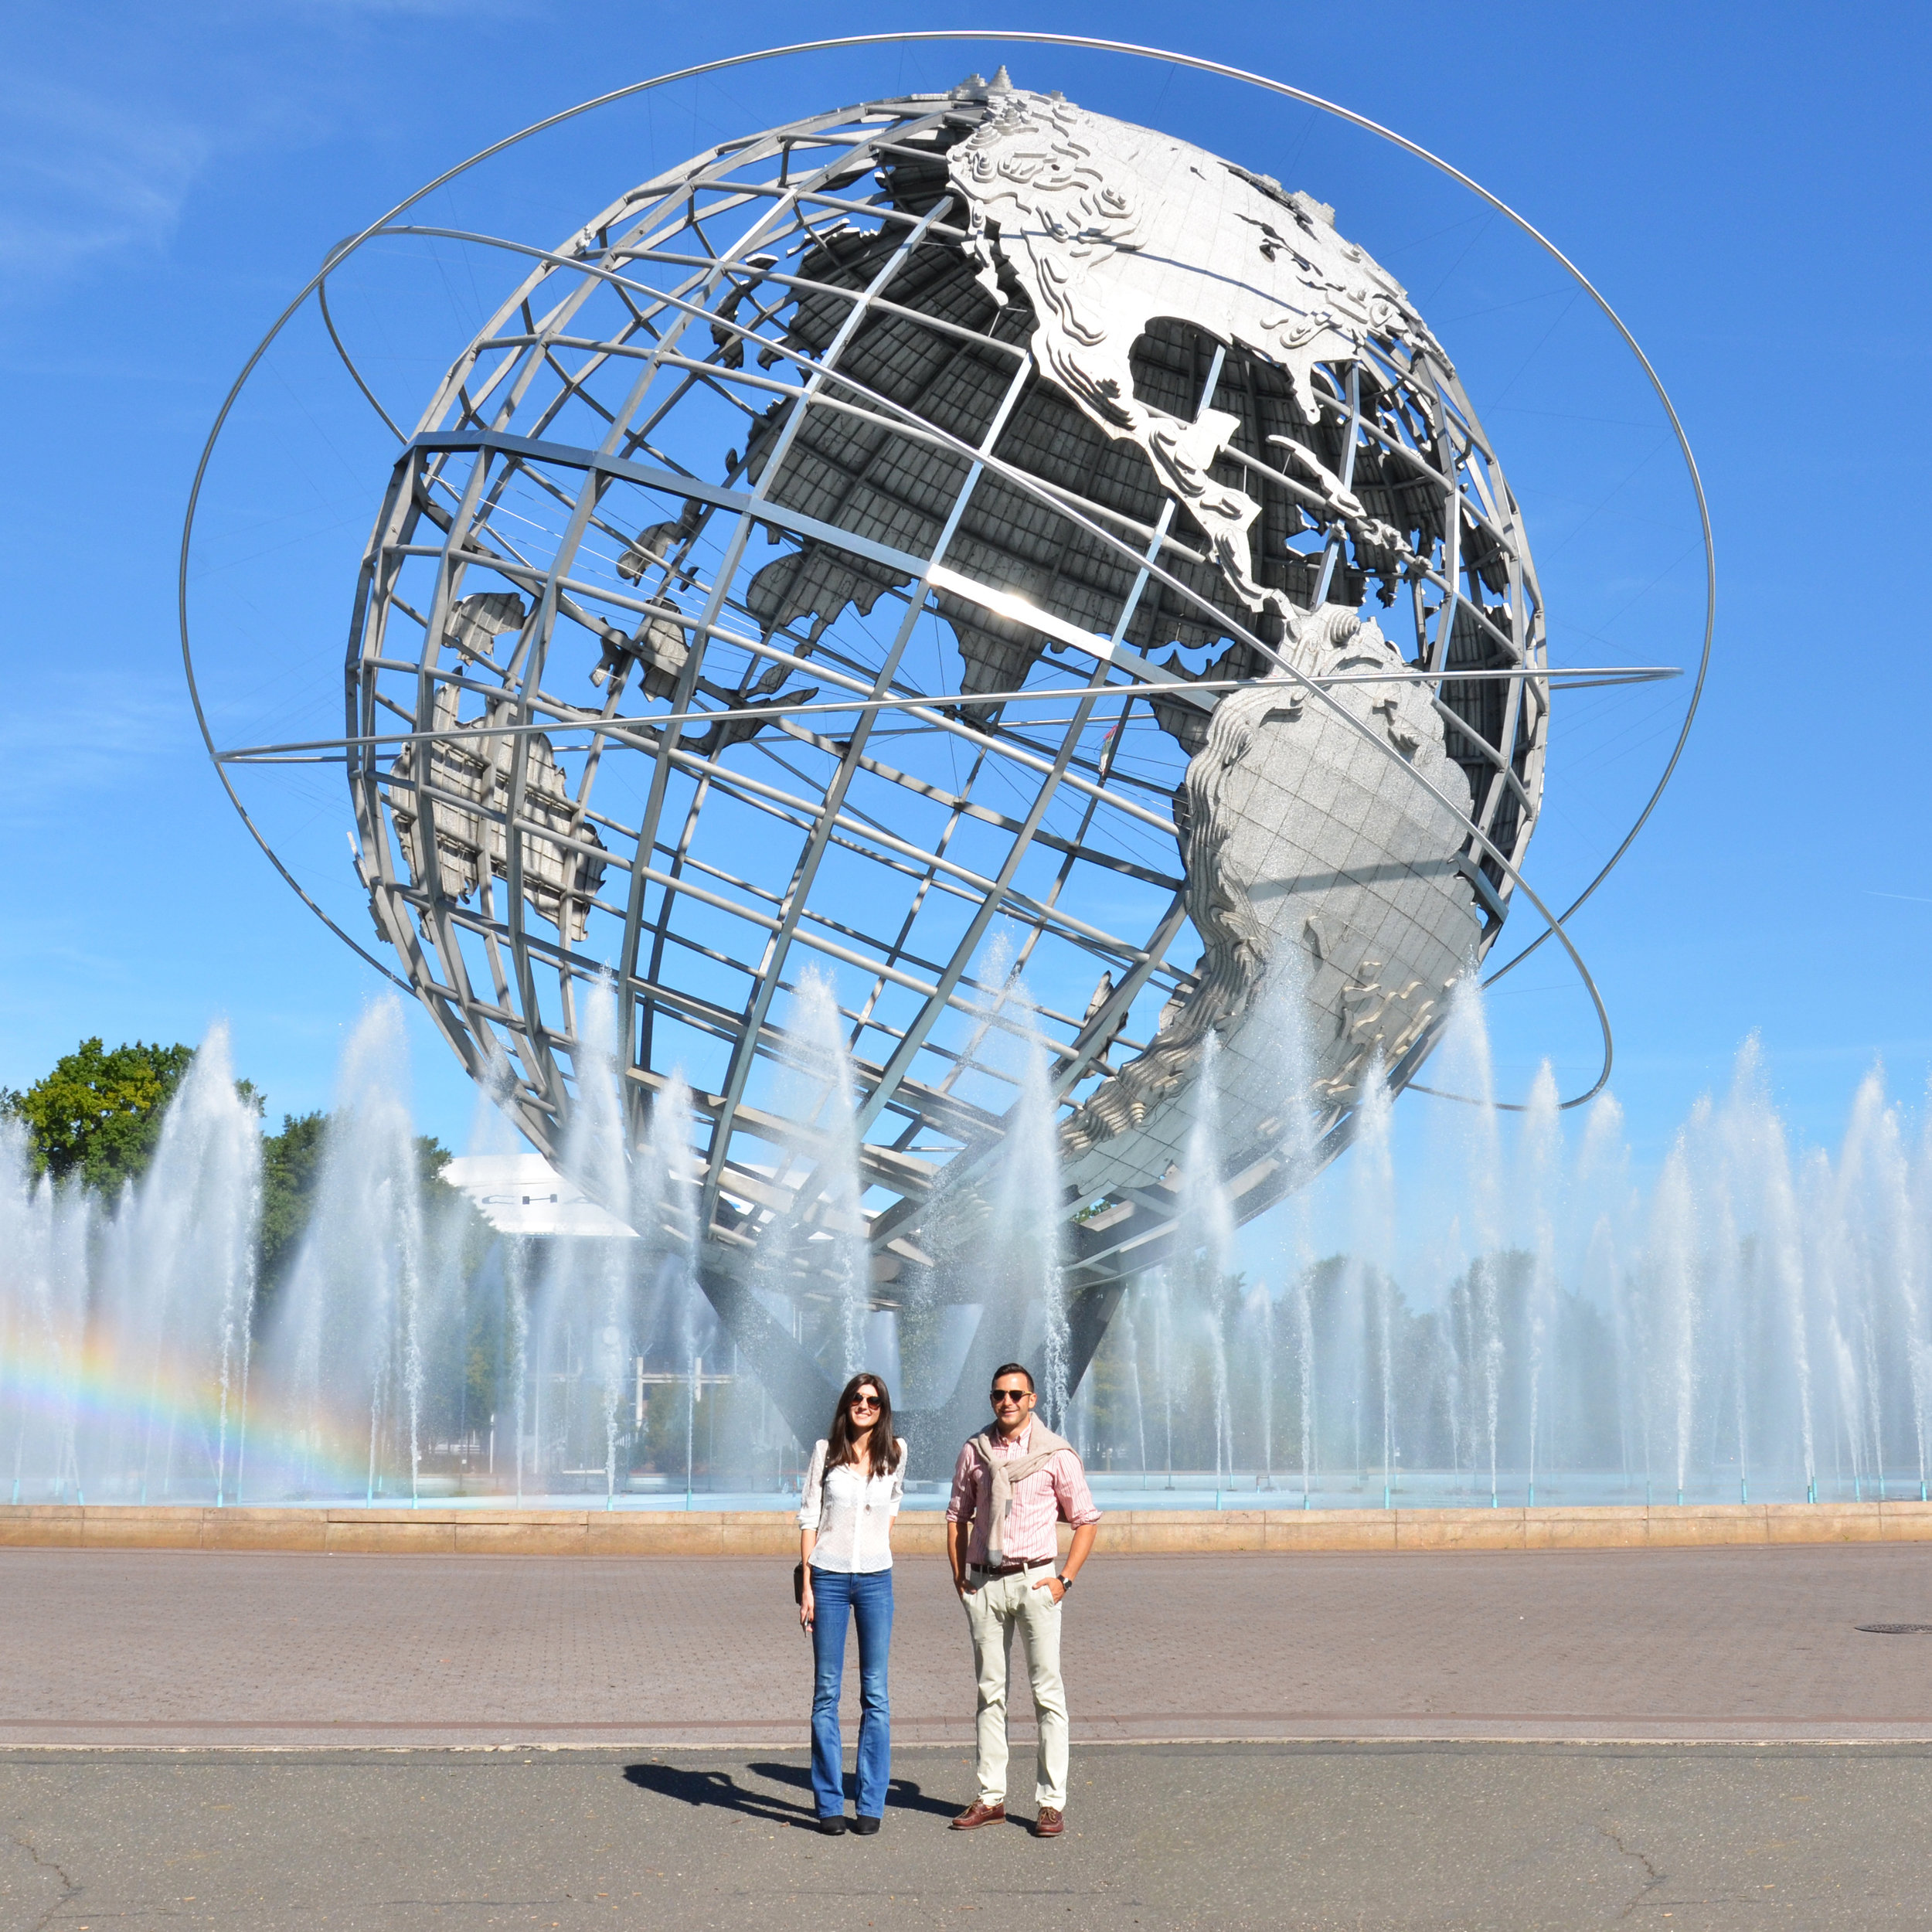 Место Всемирной выставки 64-65 - Место, которое все видели, но никто не знает, где находится